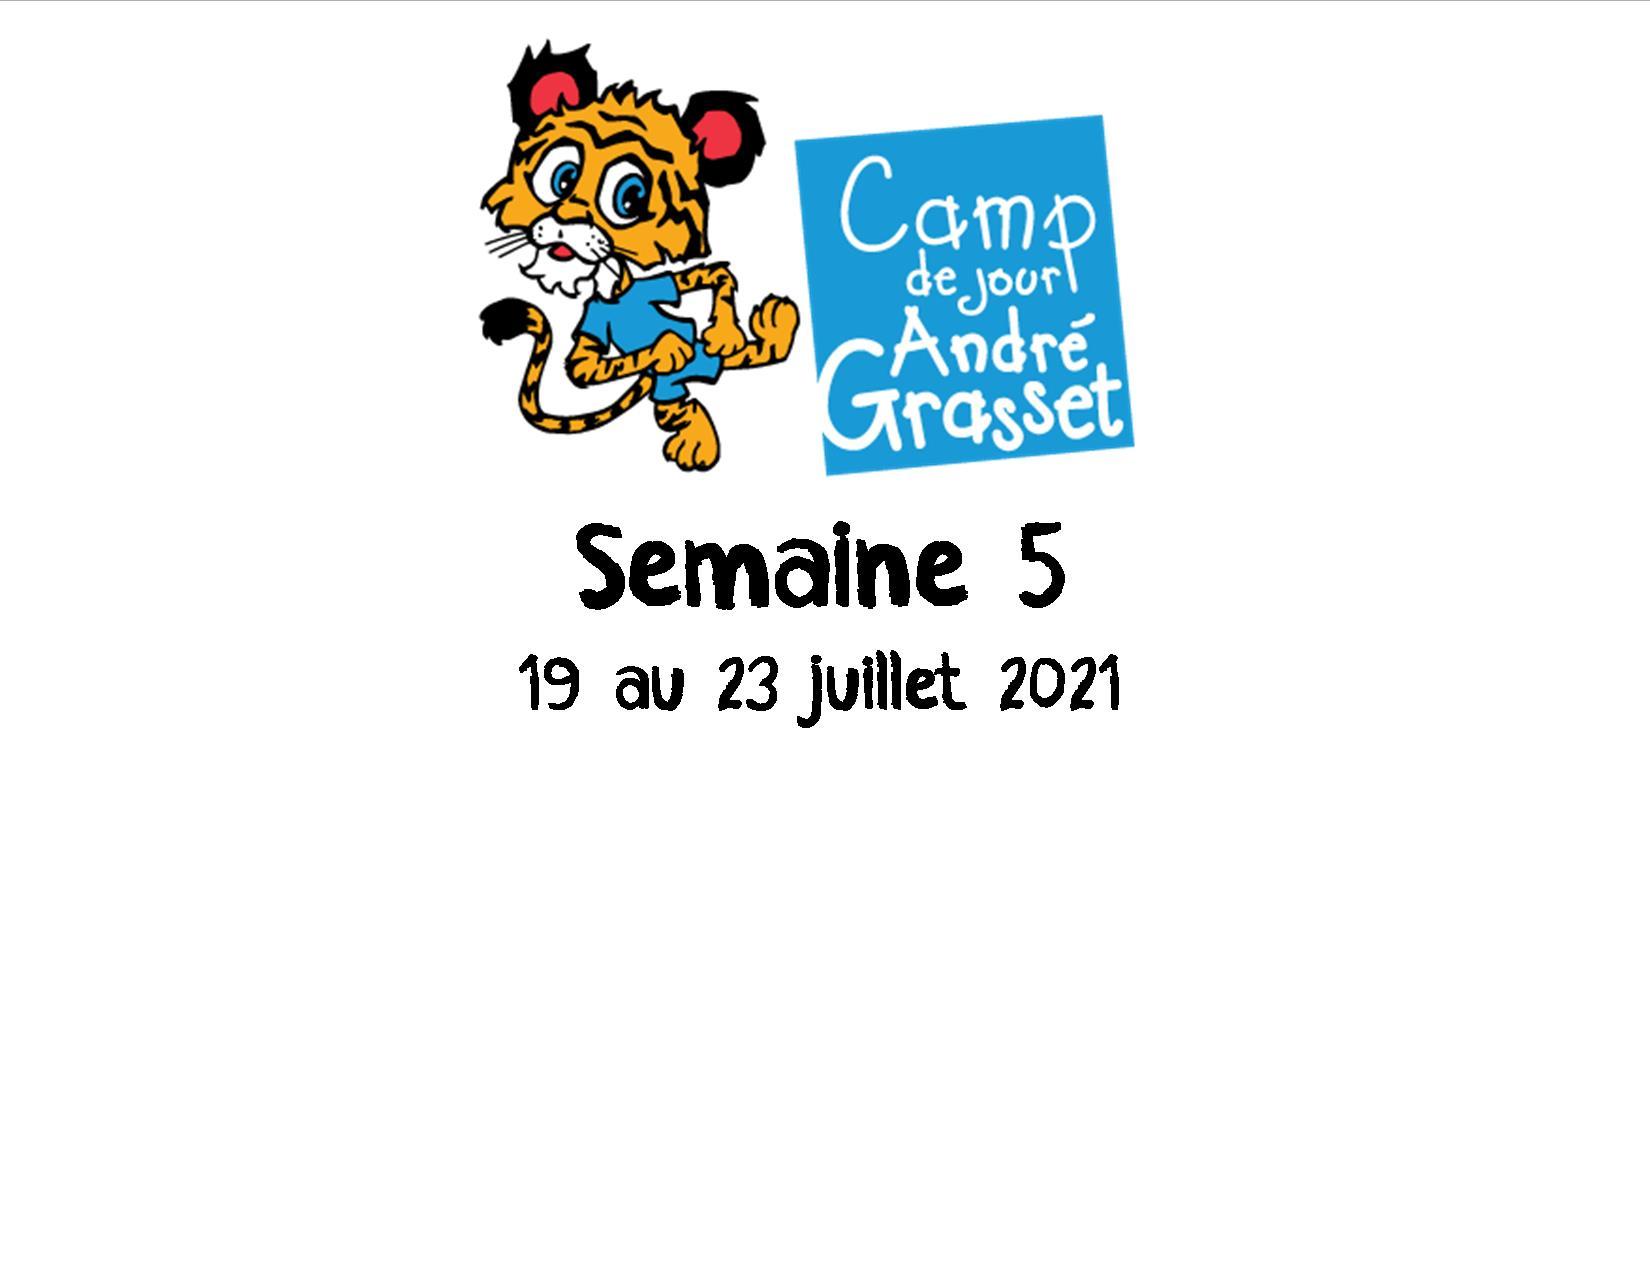 Semaine 5 (19 au 23 juillet 2021)